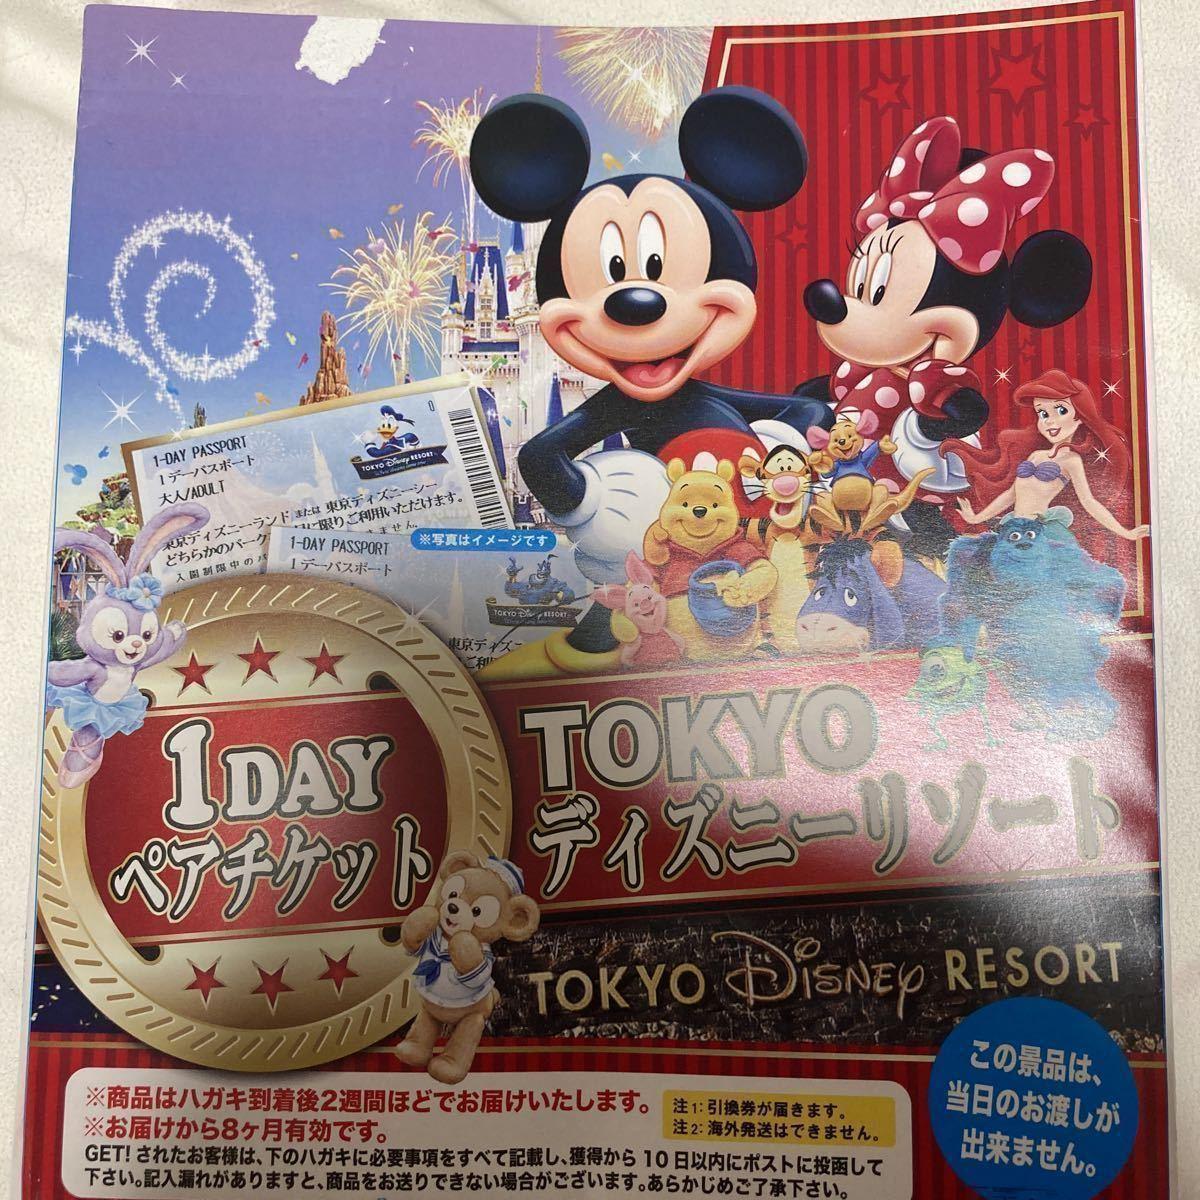 【送料無料】東京ディズニーリゾート TDR 1day ペアチケット ディズニーランド TDL ディズニーシー TDS パスポート 引換券